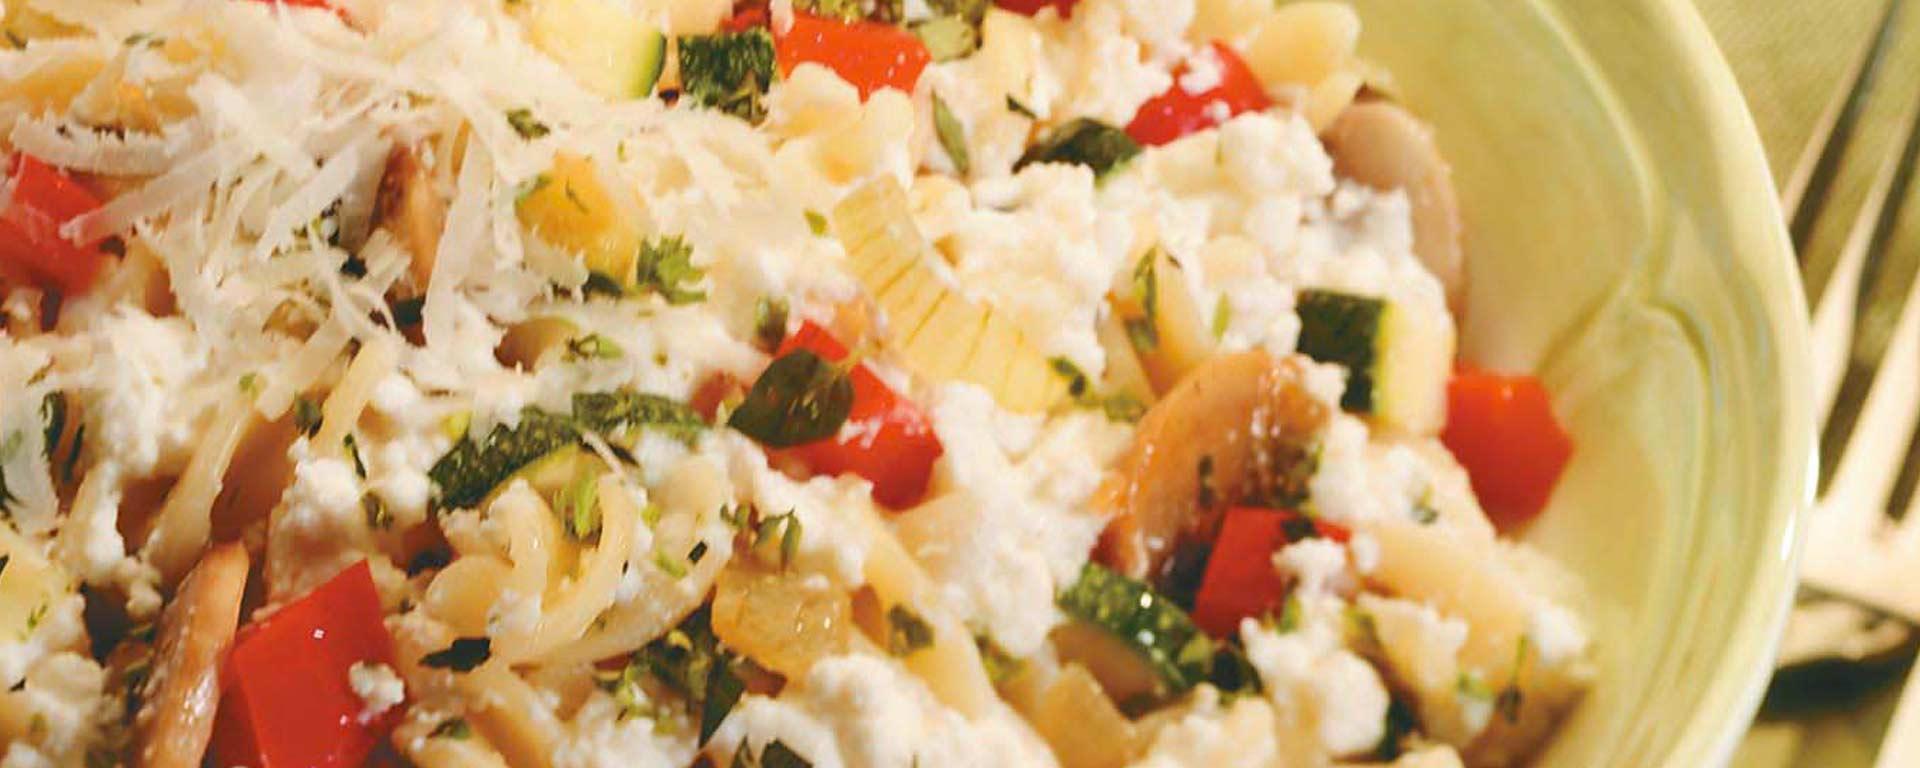 Photo for - Pâtes primavera avec fromage cottage aux herbes